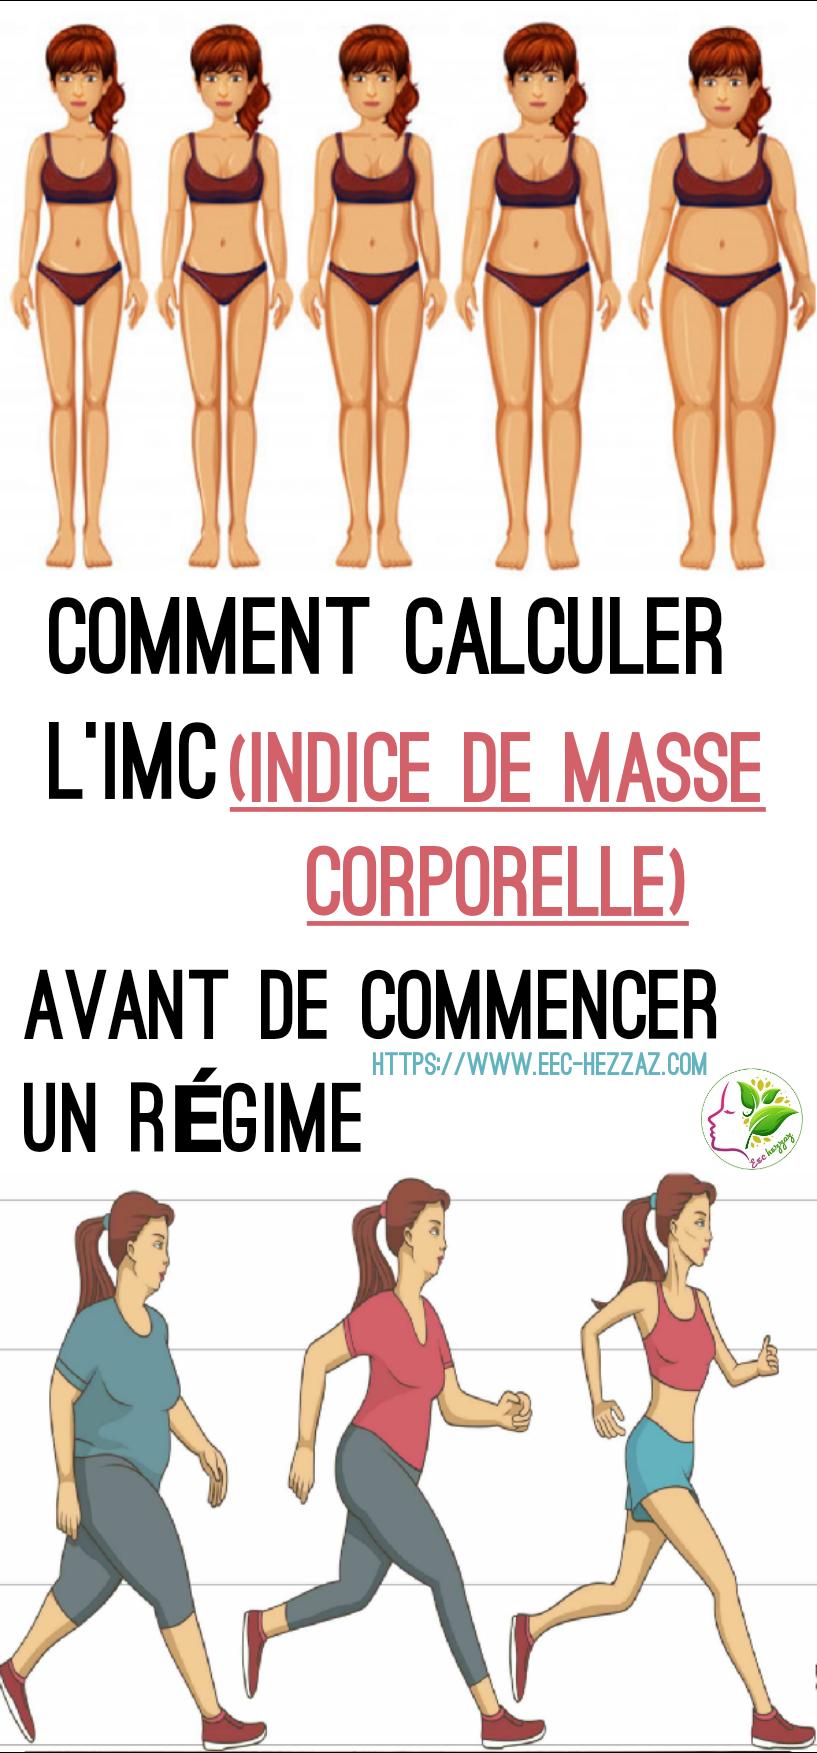 Comment calculer l'IMC (indice de masse corporelle) avant de commencer un régime